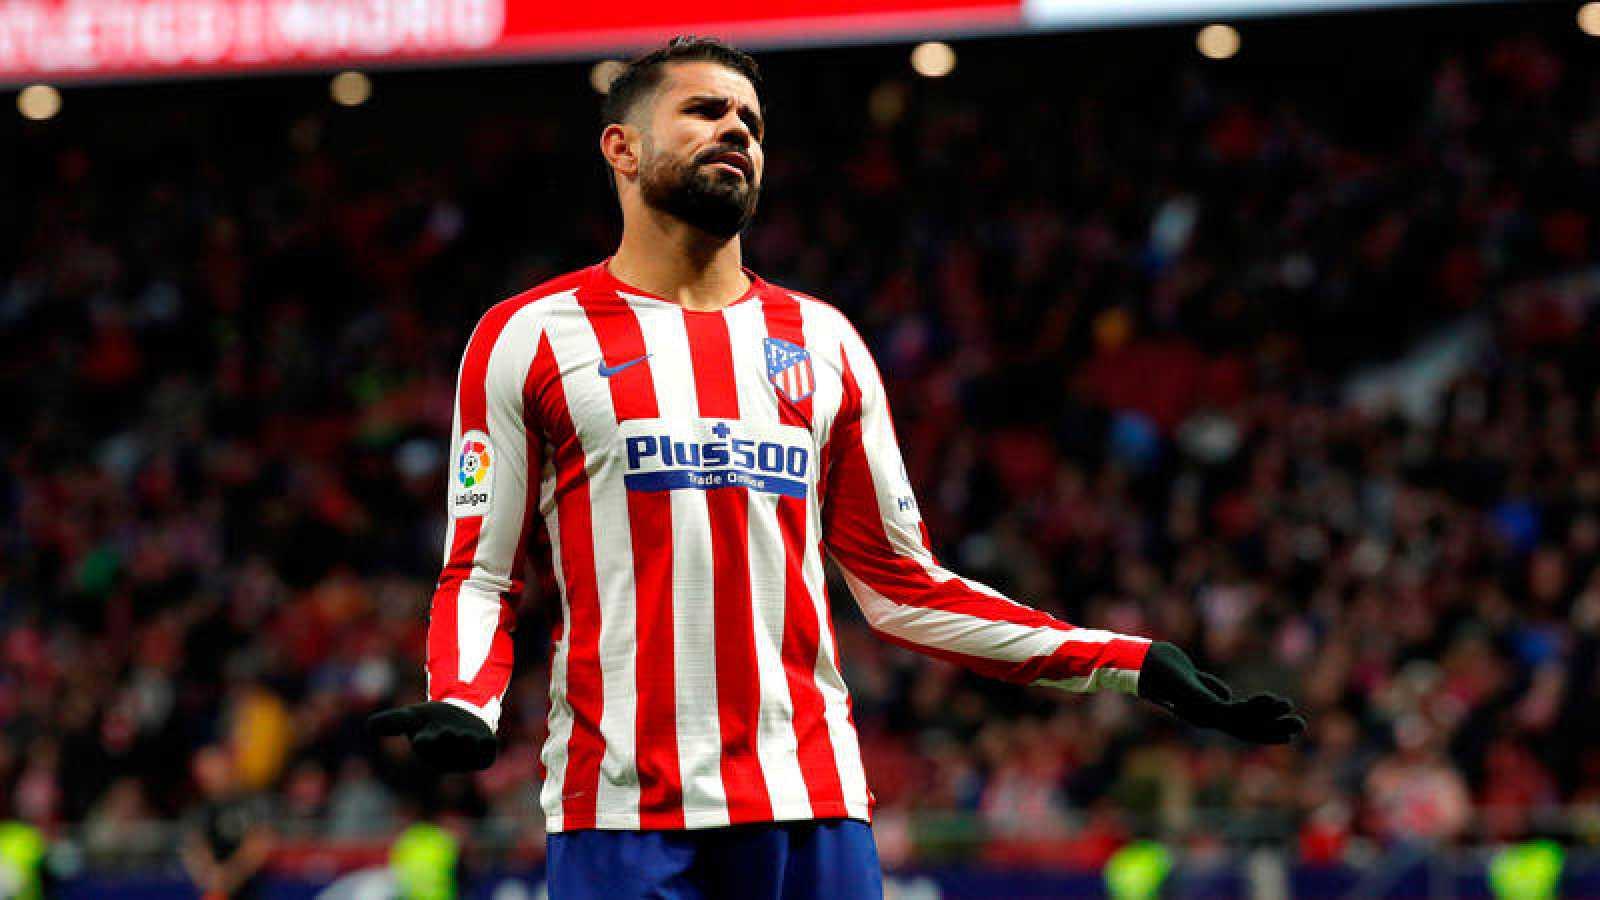 El delantero del Atlético de MadridDiegoCosta